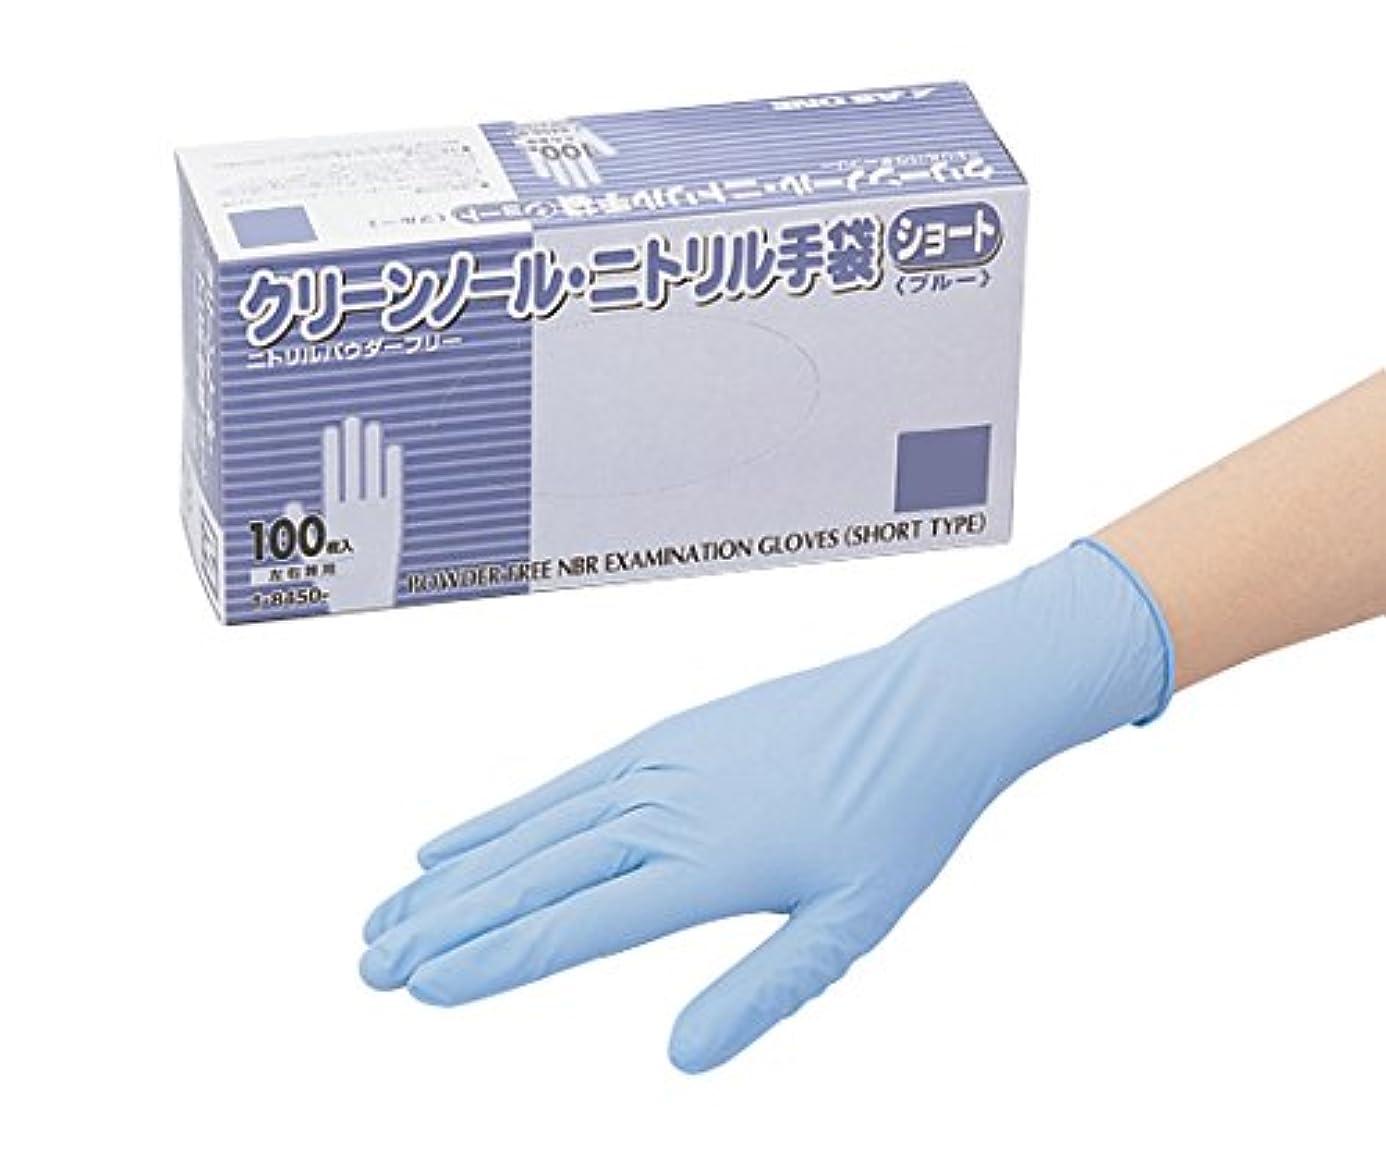 代名詞ライラックマニアアズワン1-8450-54クリーンノールニトリル手袋ショート(パウダーフリ-)ブルーSS1000枚入